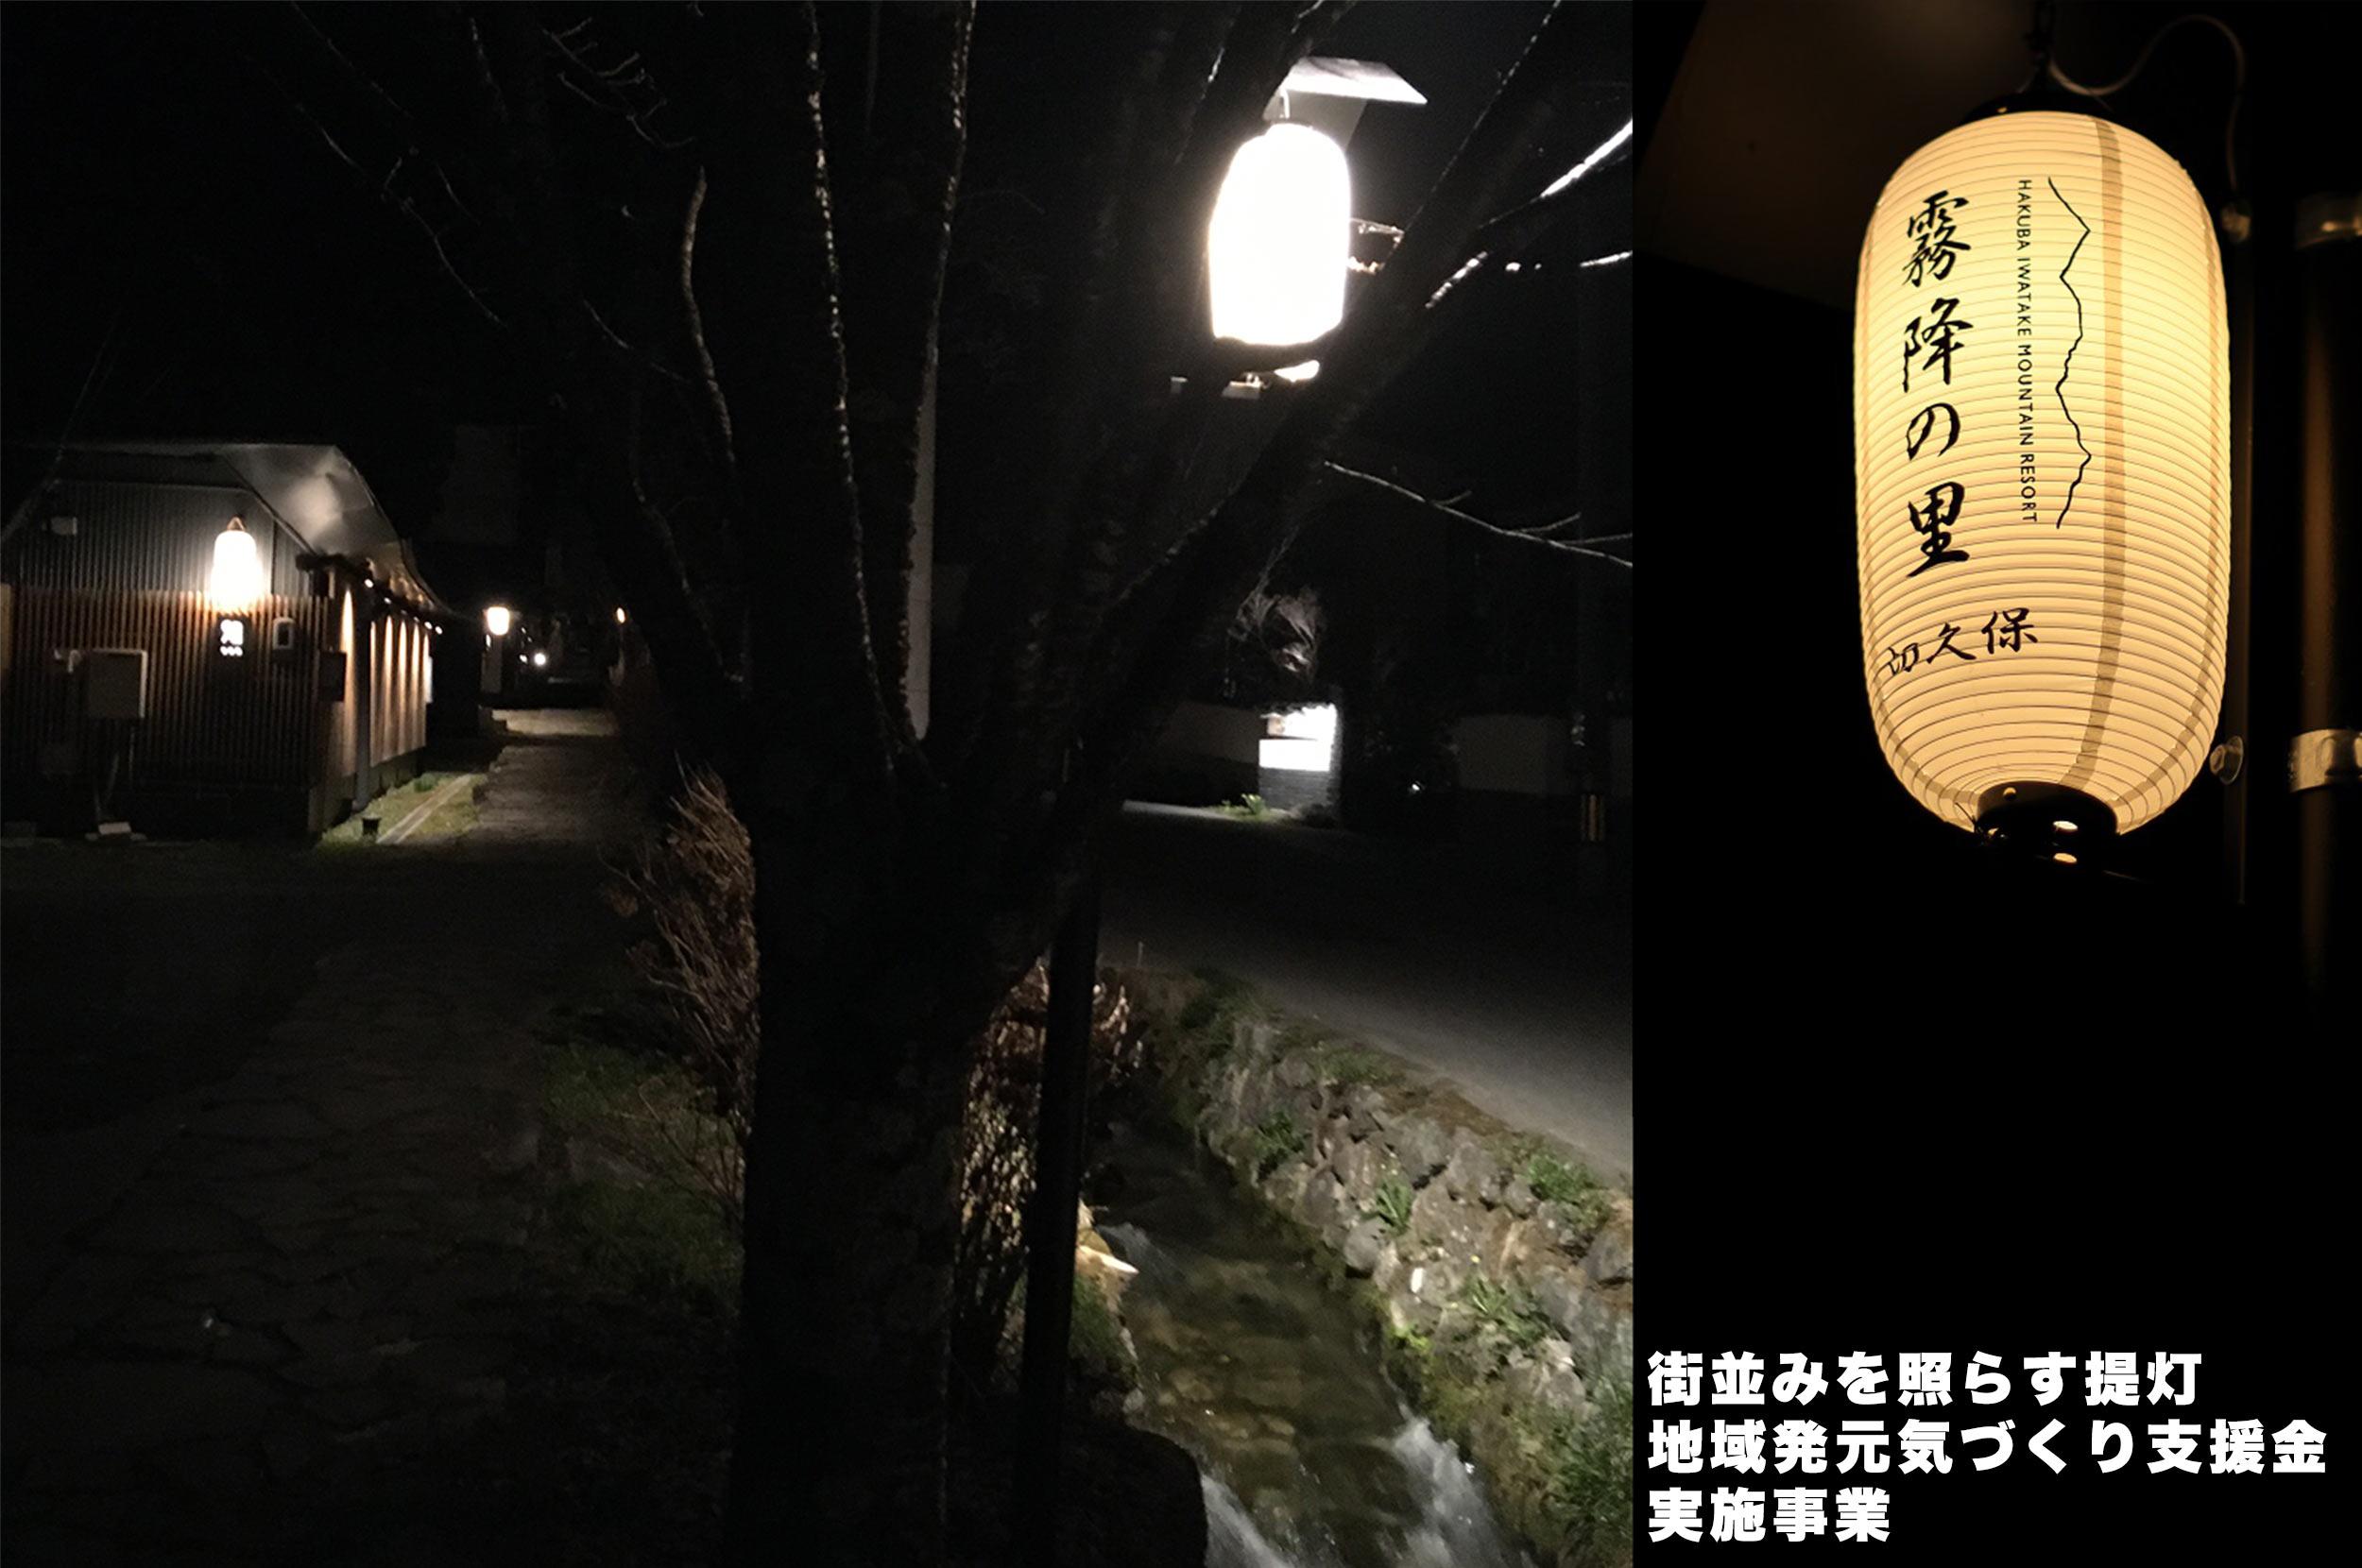 街並みを照らす提灯 (地域発元気づくり支援金実施事業)